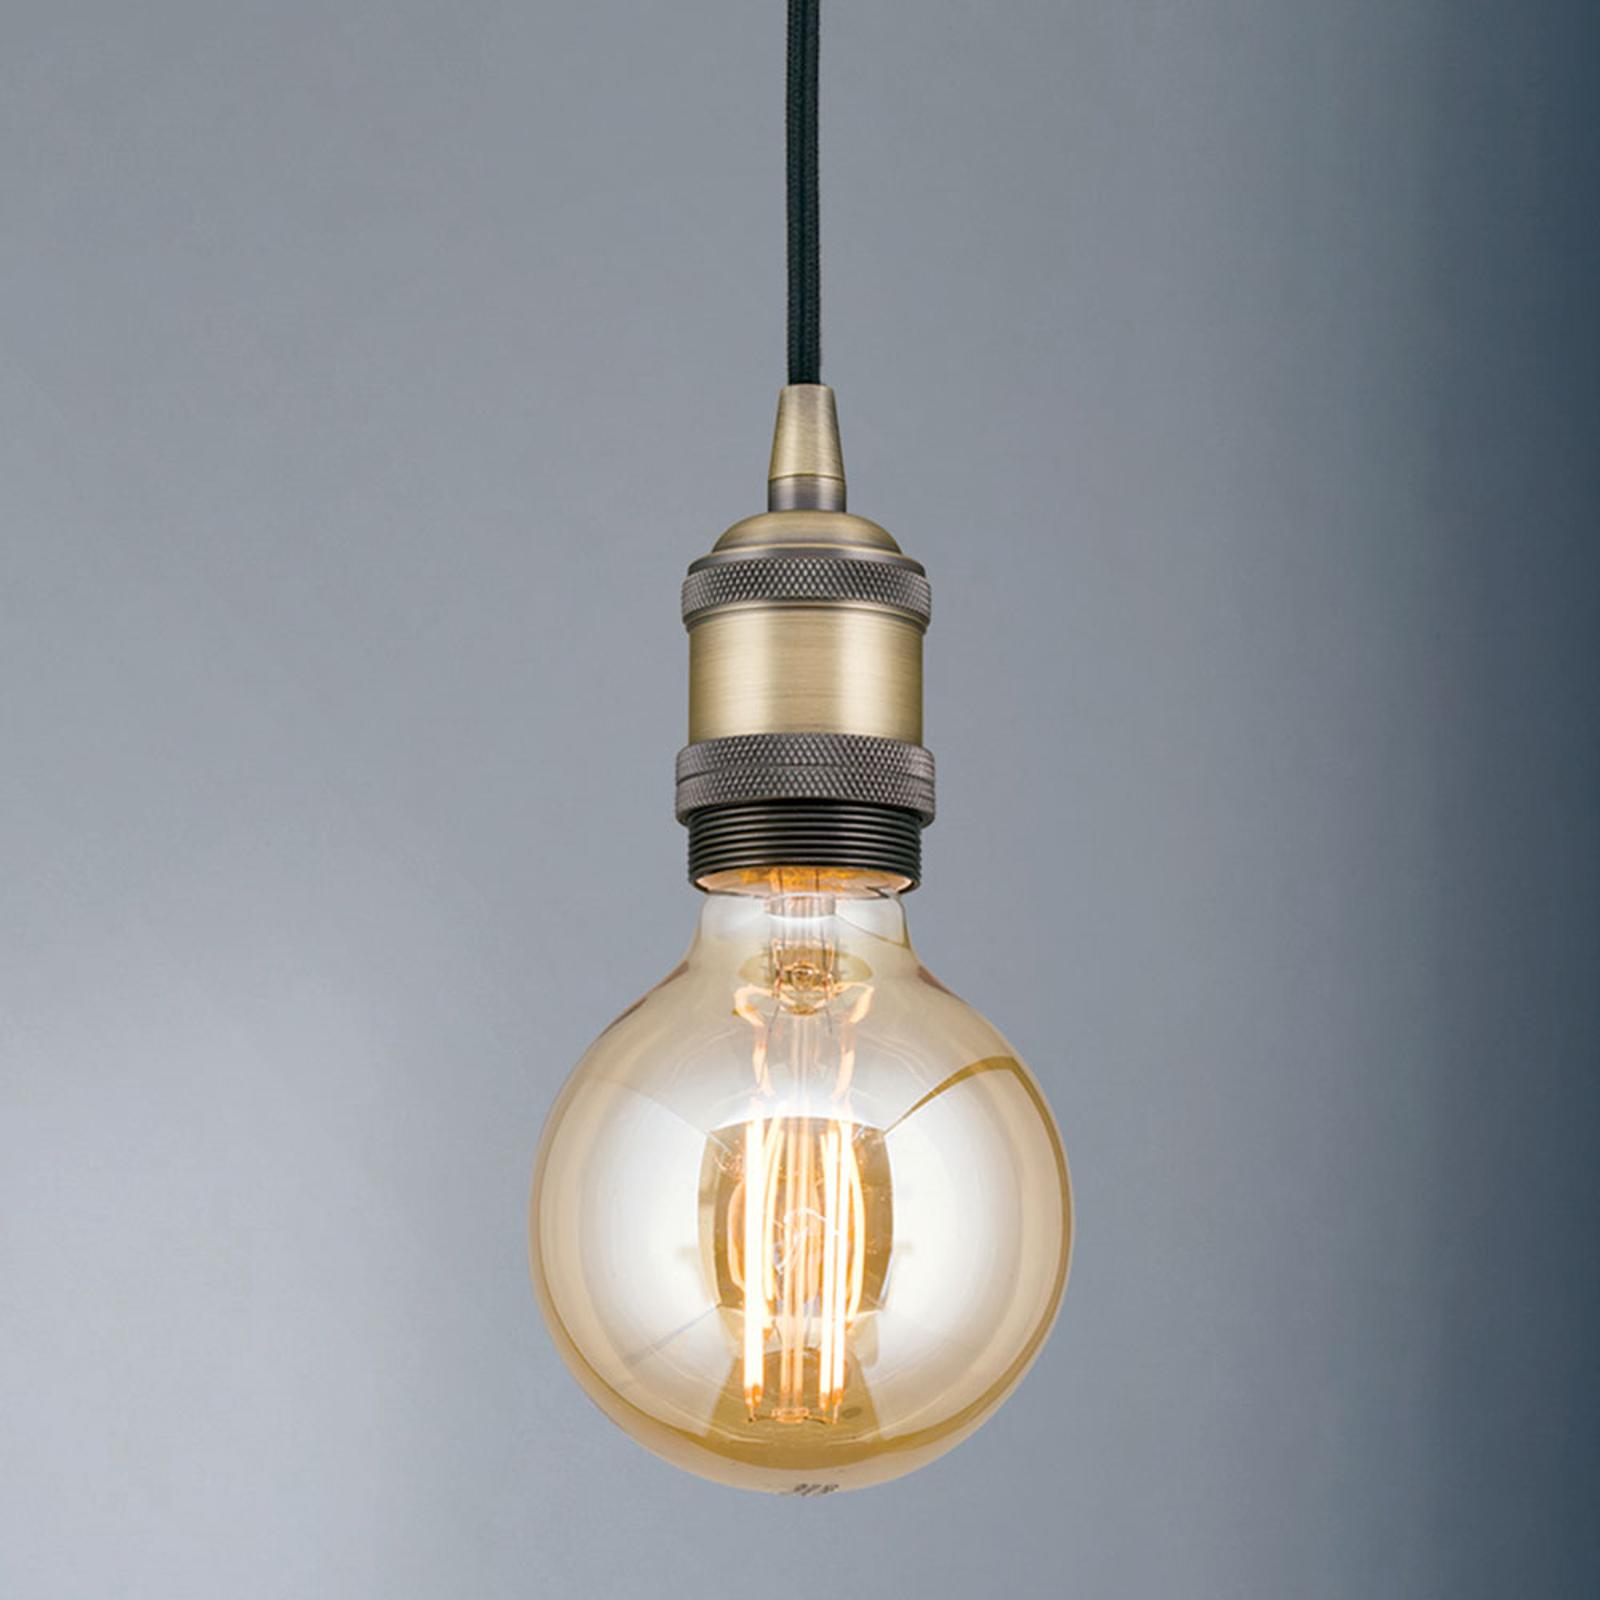 Lampa wisząca oprawa Jailhouse mosiądz matowy